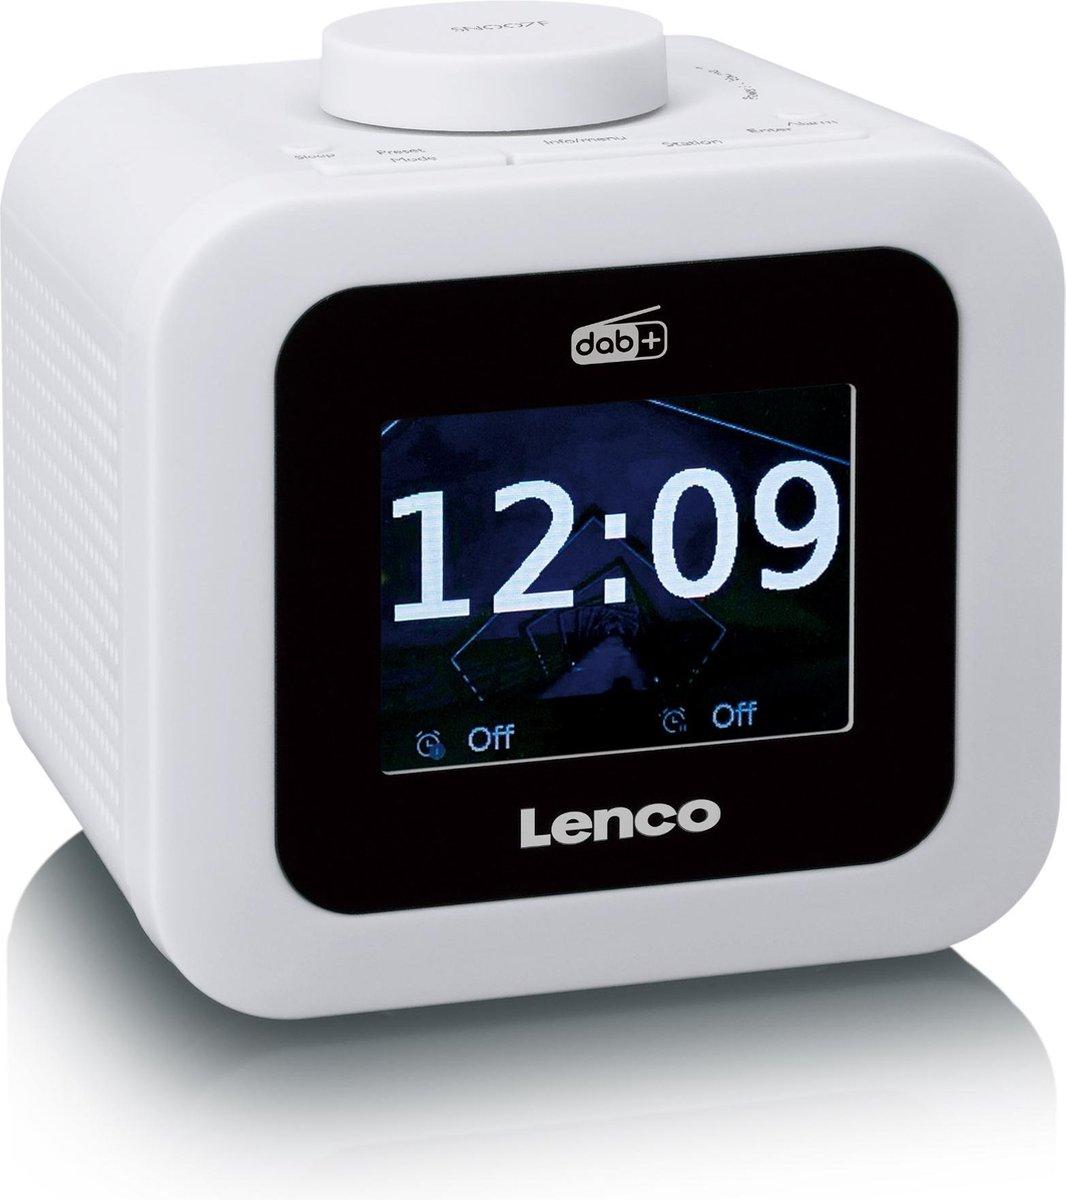 Lenco CR-620 - Wekkerradio met DAB+ en AUX-uitgang - Wit